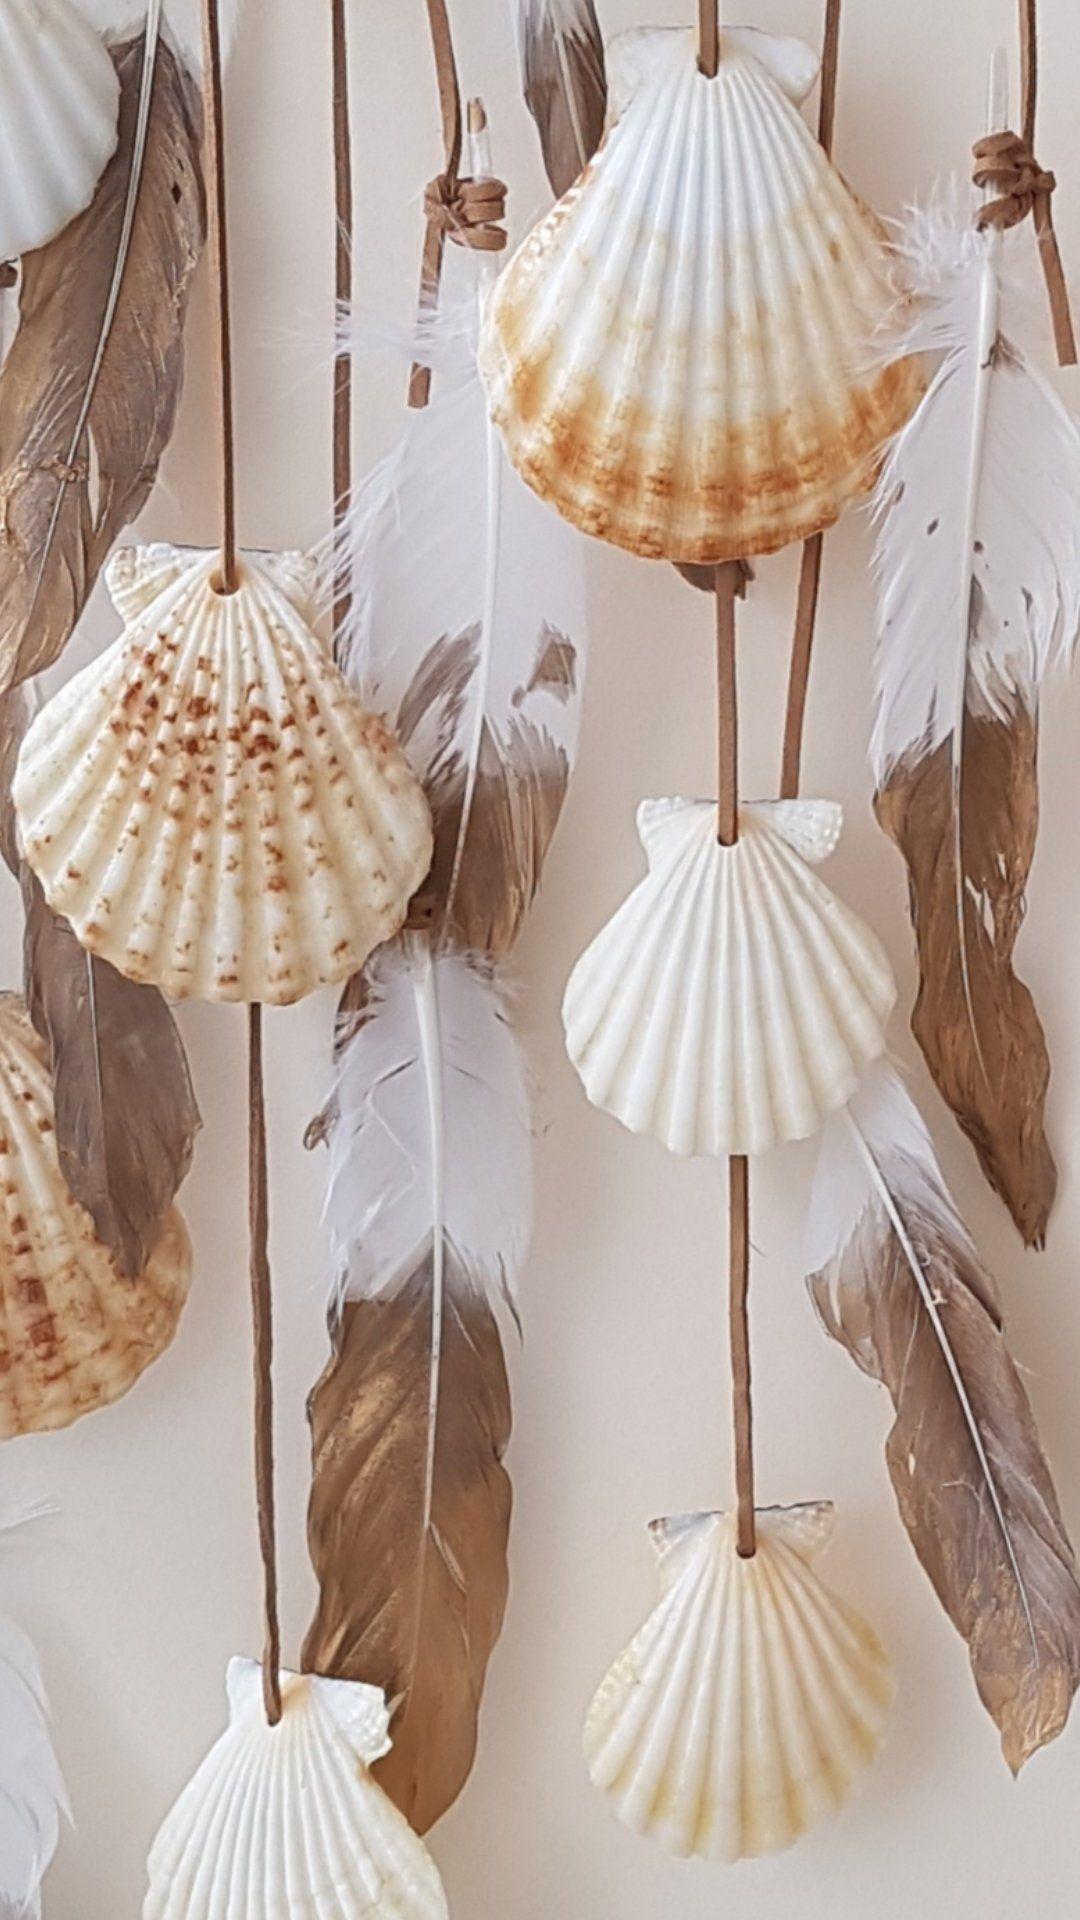 Jouw Platform Voor Het Kopen En Verkopen Van Handgemaakte Items Ibiza Boho Schelpen Decoratie Wit Tuin Veren Cadeau St In 2020 Beach Wall Decor Shell Decor Decor